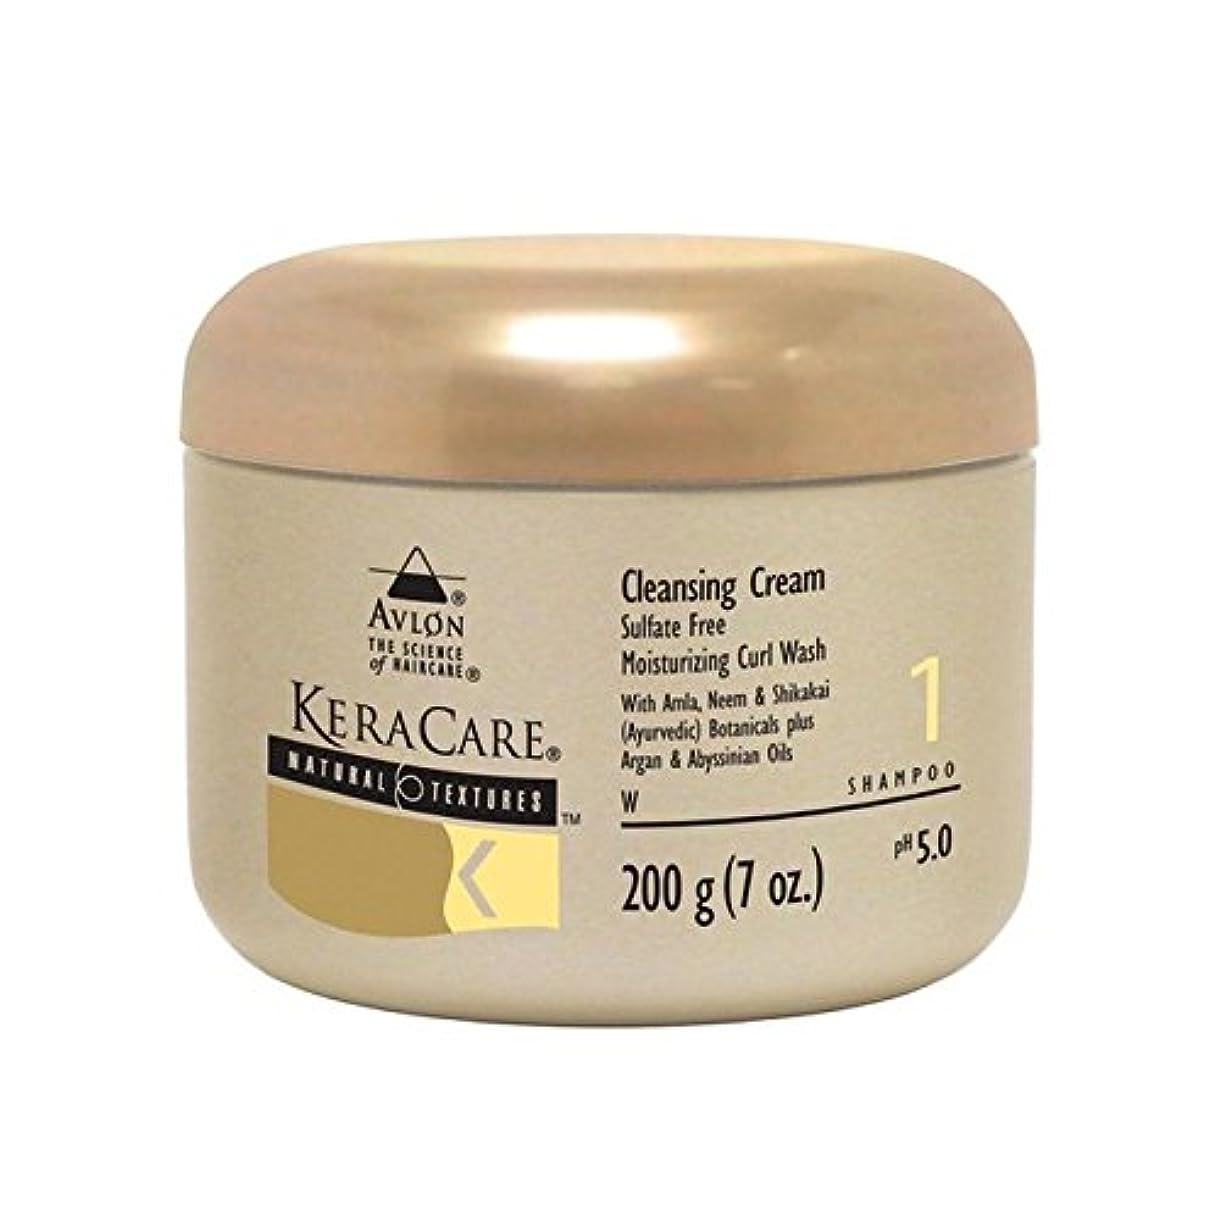 海藻咽頭不適切なKeracare Natural Textures Cleansing Cream (910G) (Pack of 6) - 自然な質感クレンジングクリーム(910グラム) x6 [並行輸入品]